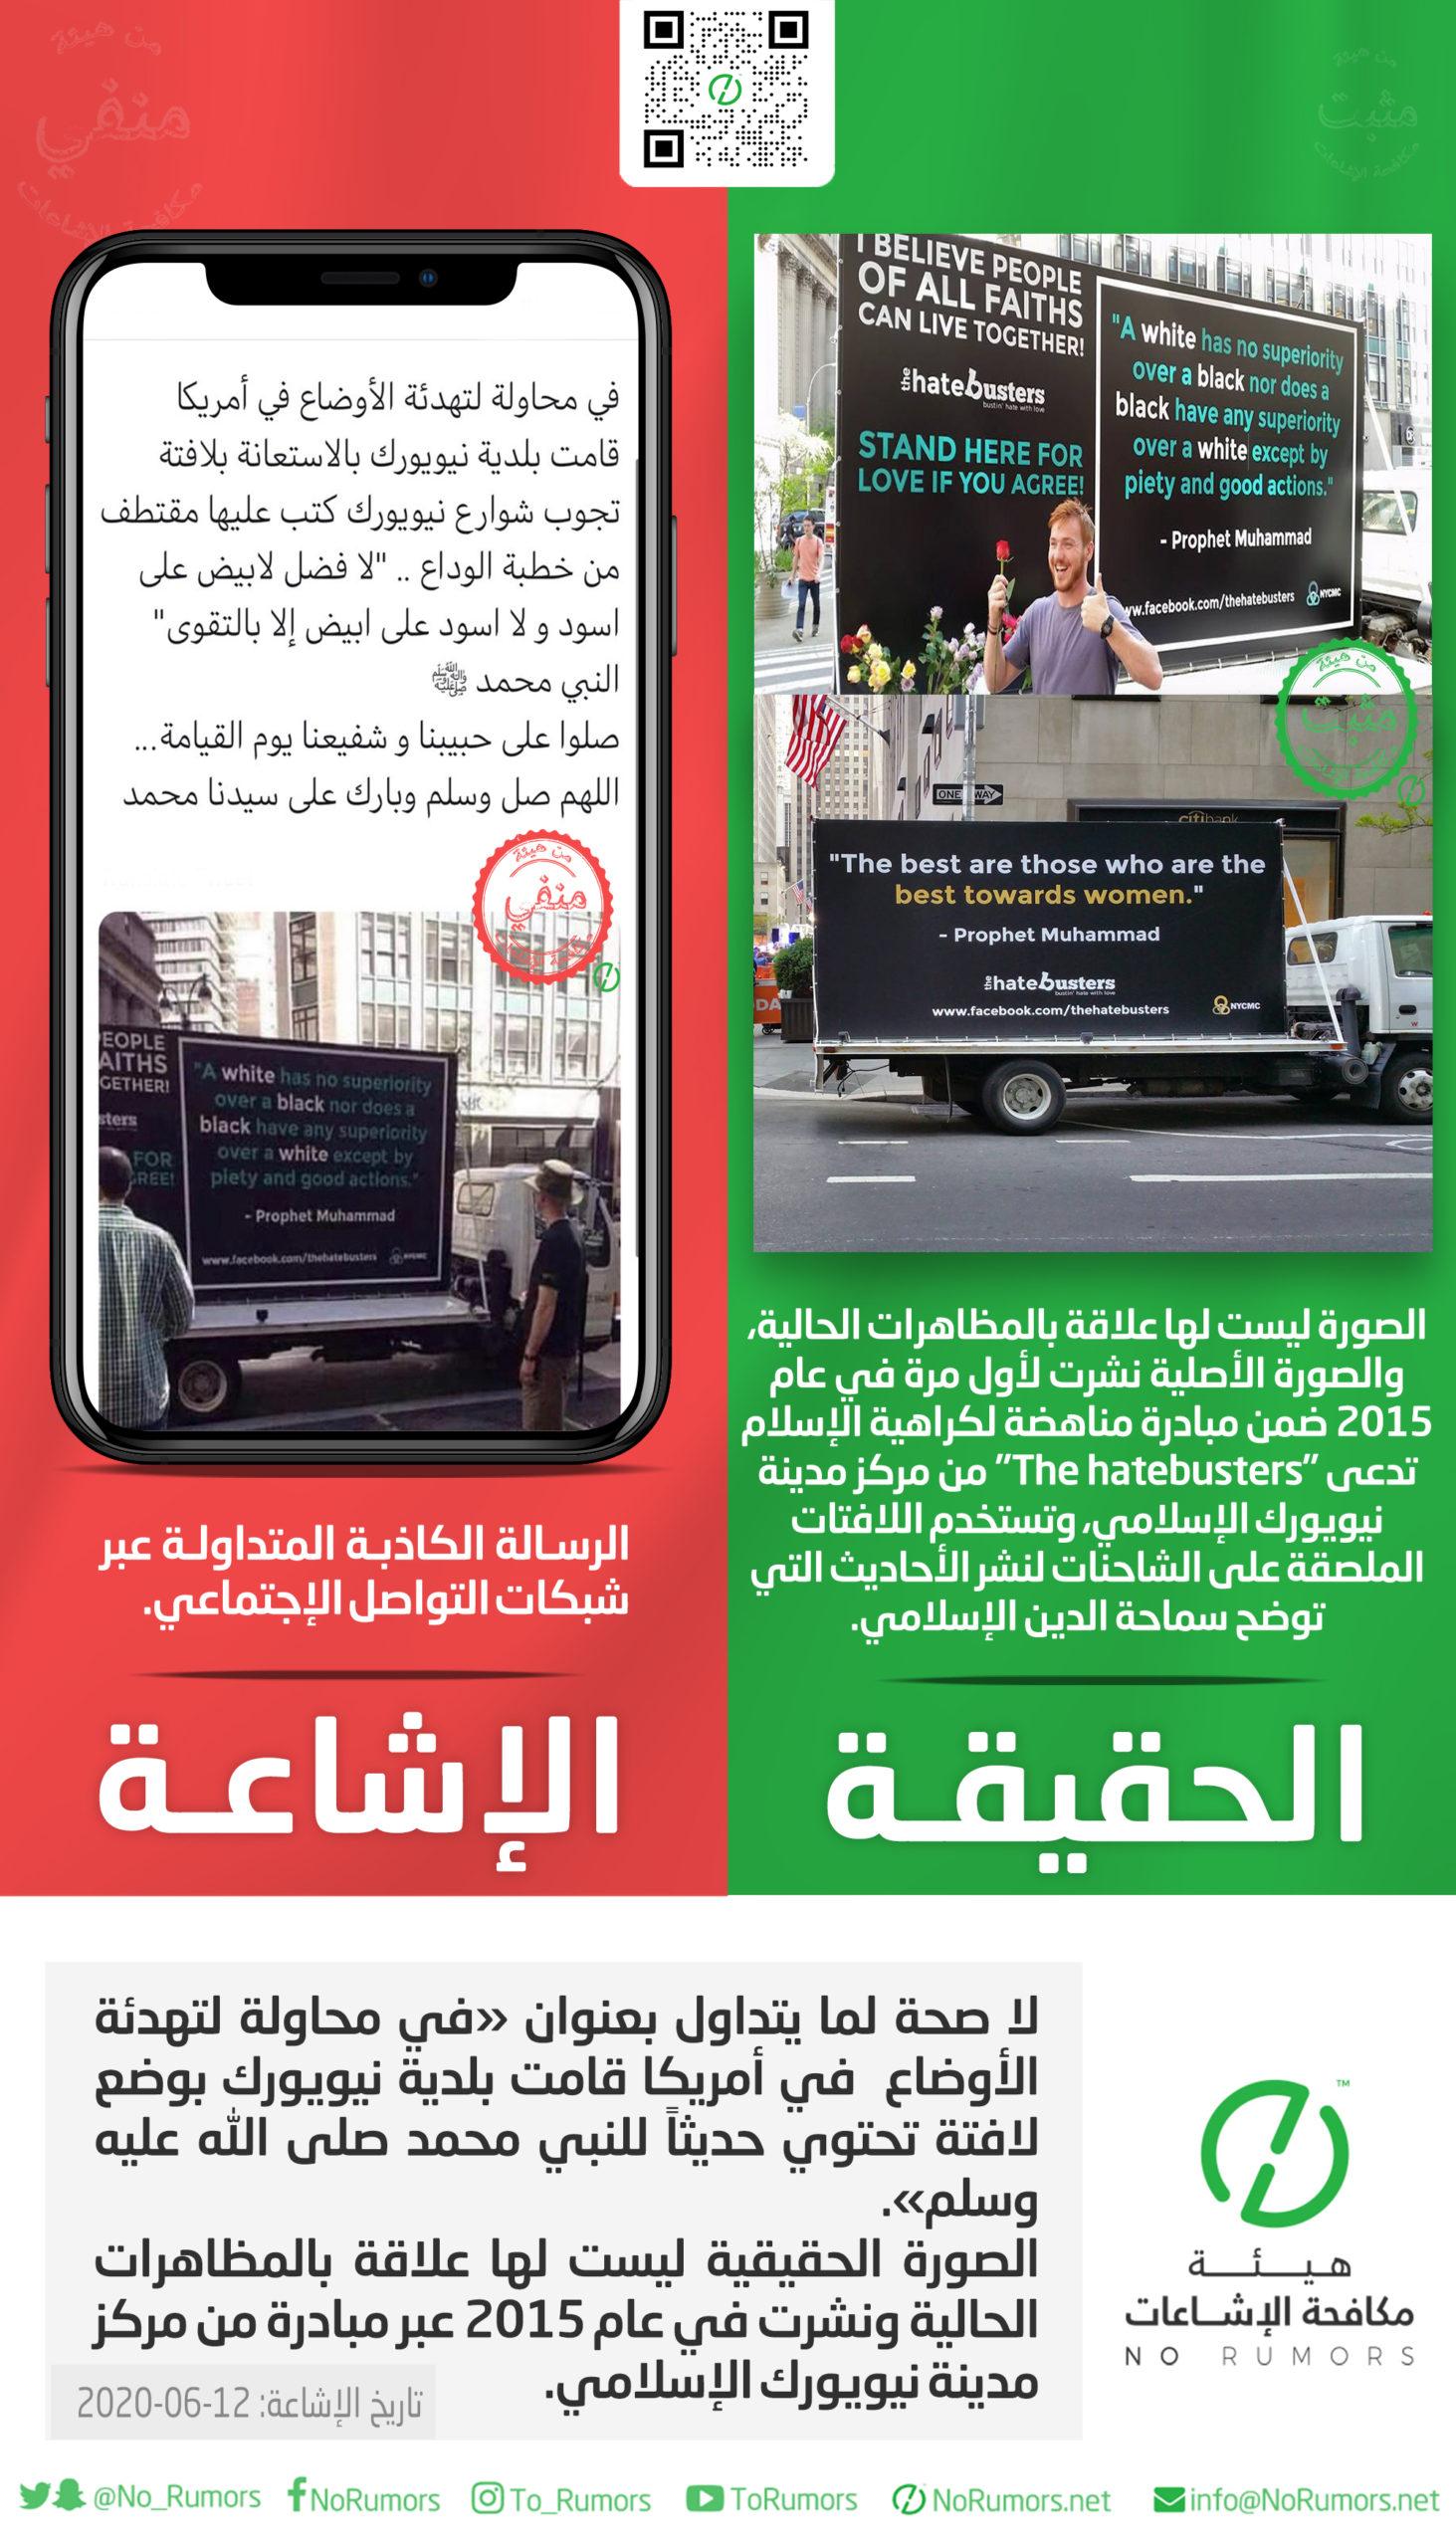 ماهي حقيقة ما يتداول بعنوان «في محاولة لتهدئة الأوضاع  في أمريكا قامت بلدية نيويورك بوضع لافتة تحتوي حديثاً للنبي محمد صلى الله عليه وسلم».